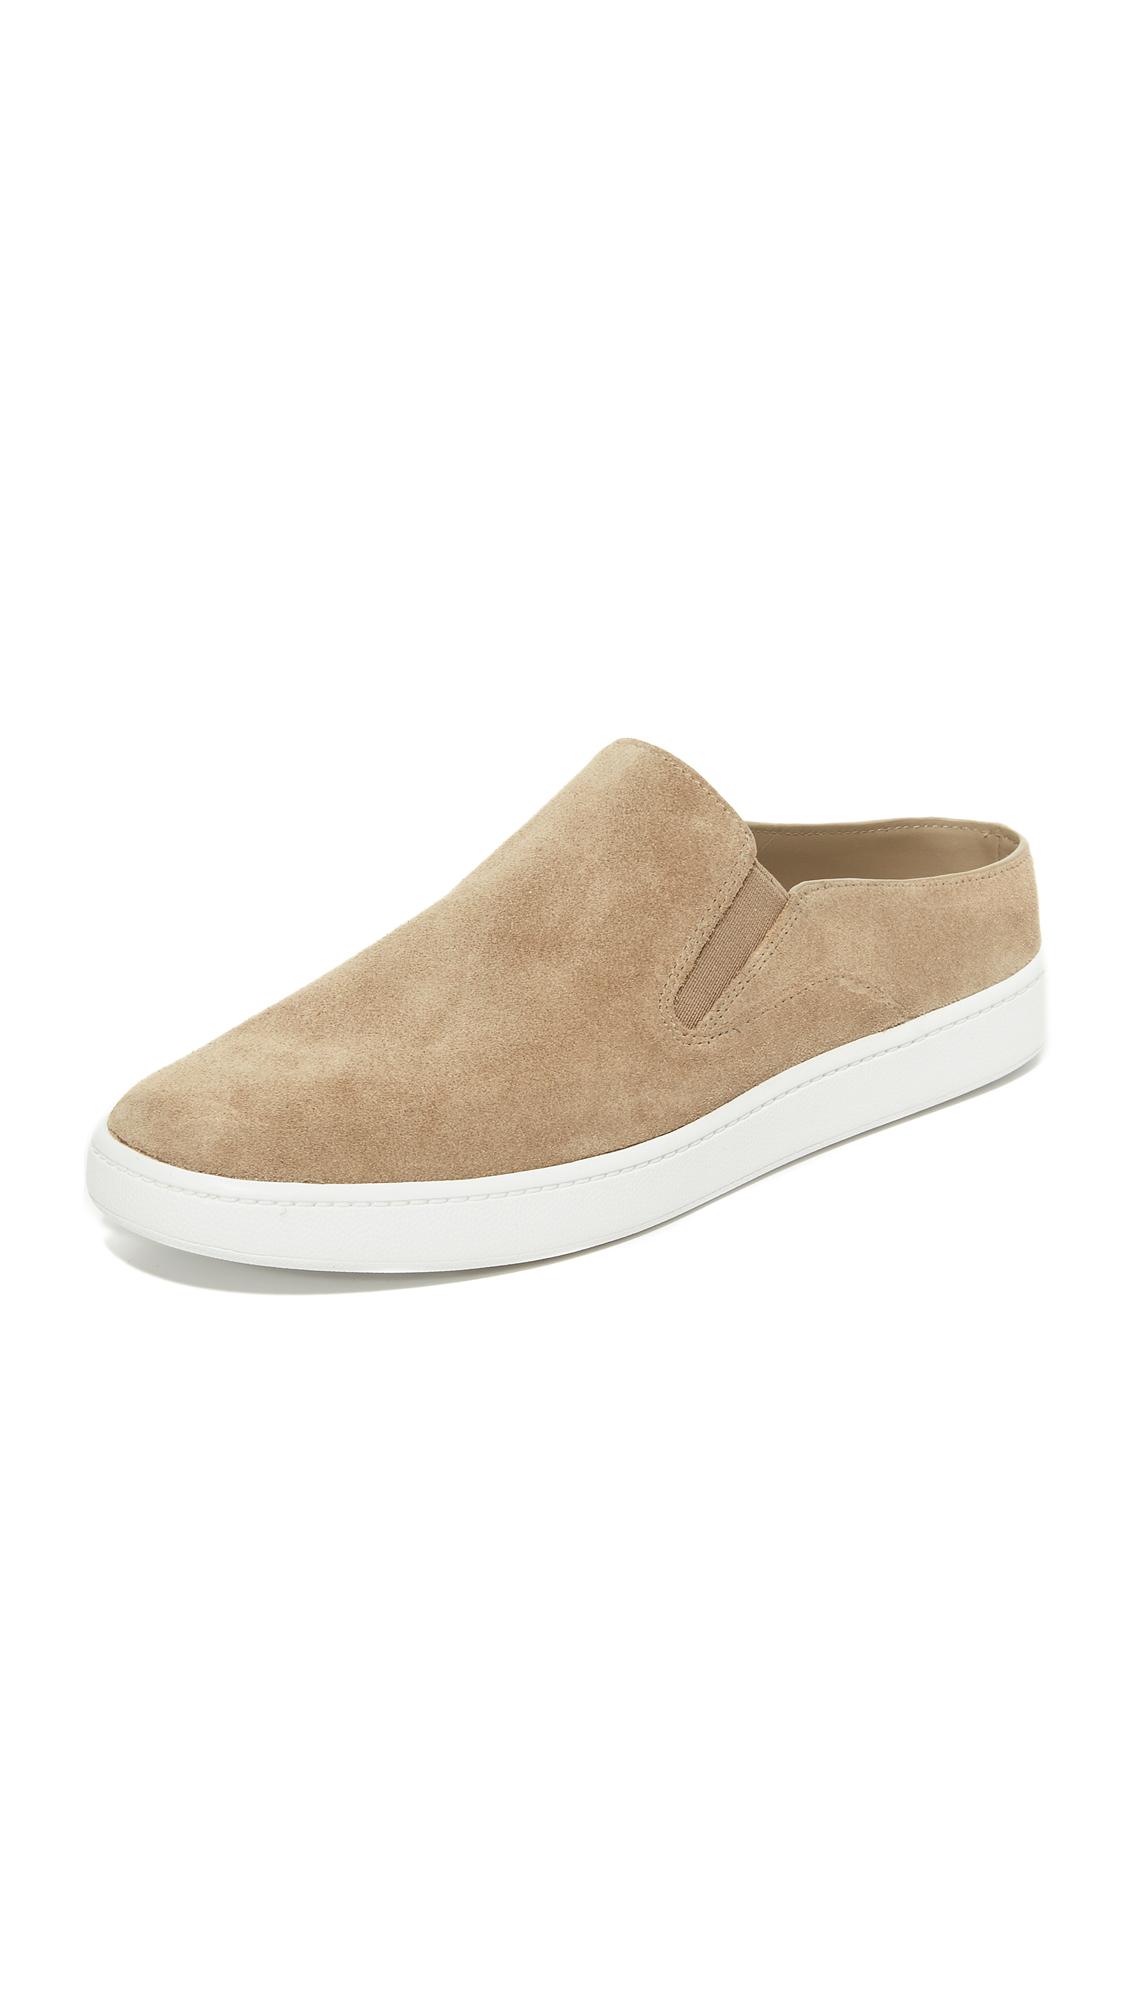 Vince Verrell Slide Sneakers - Woodsmoke